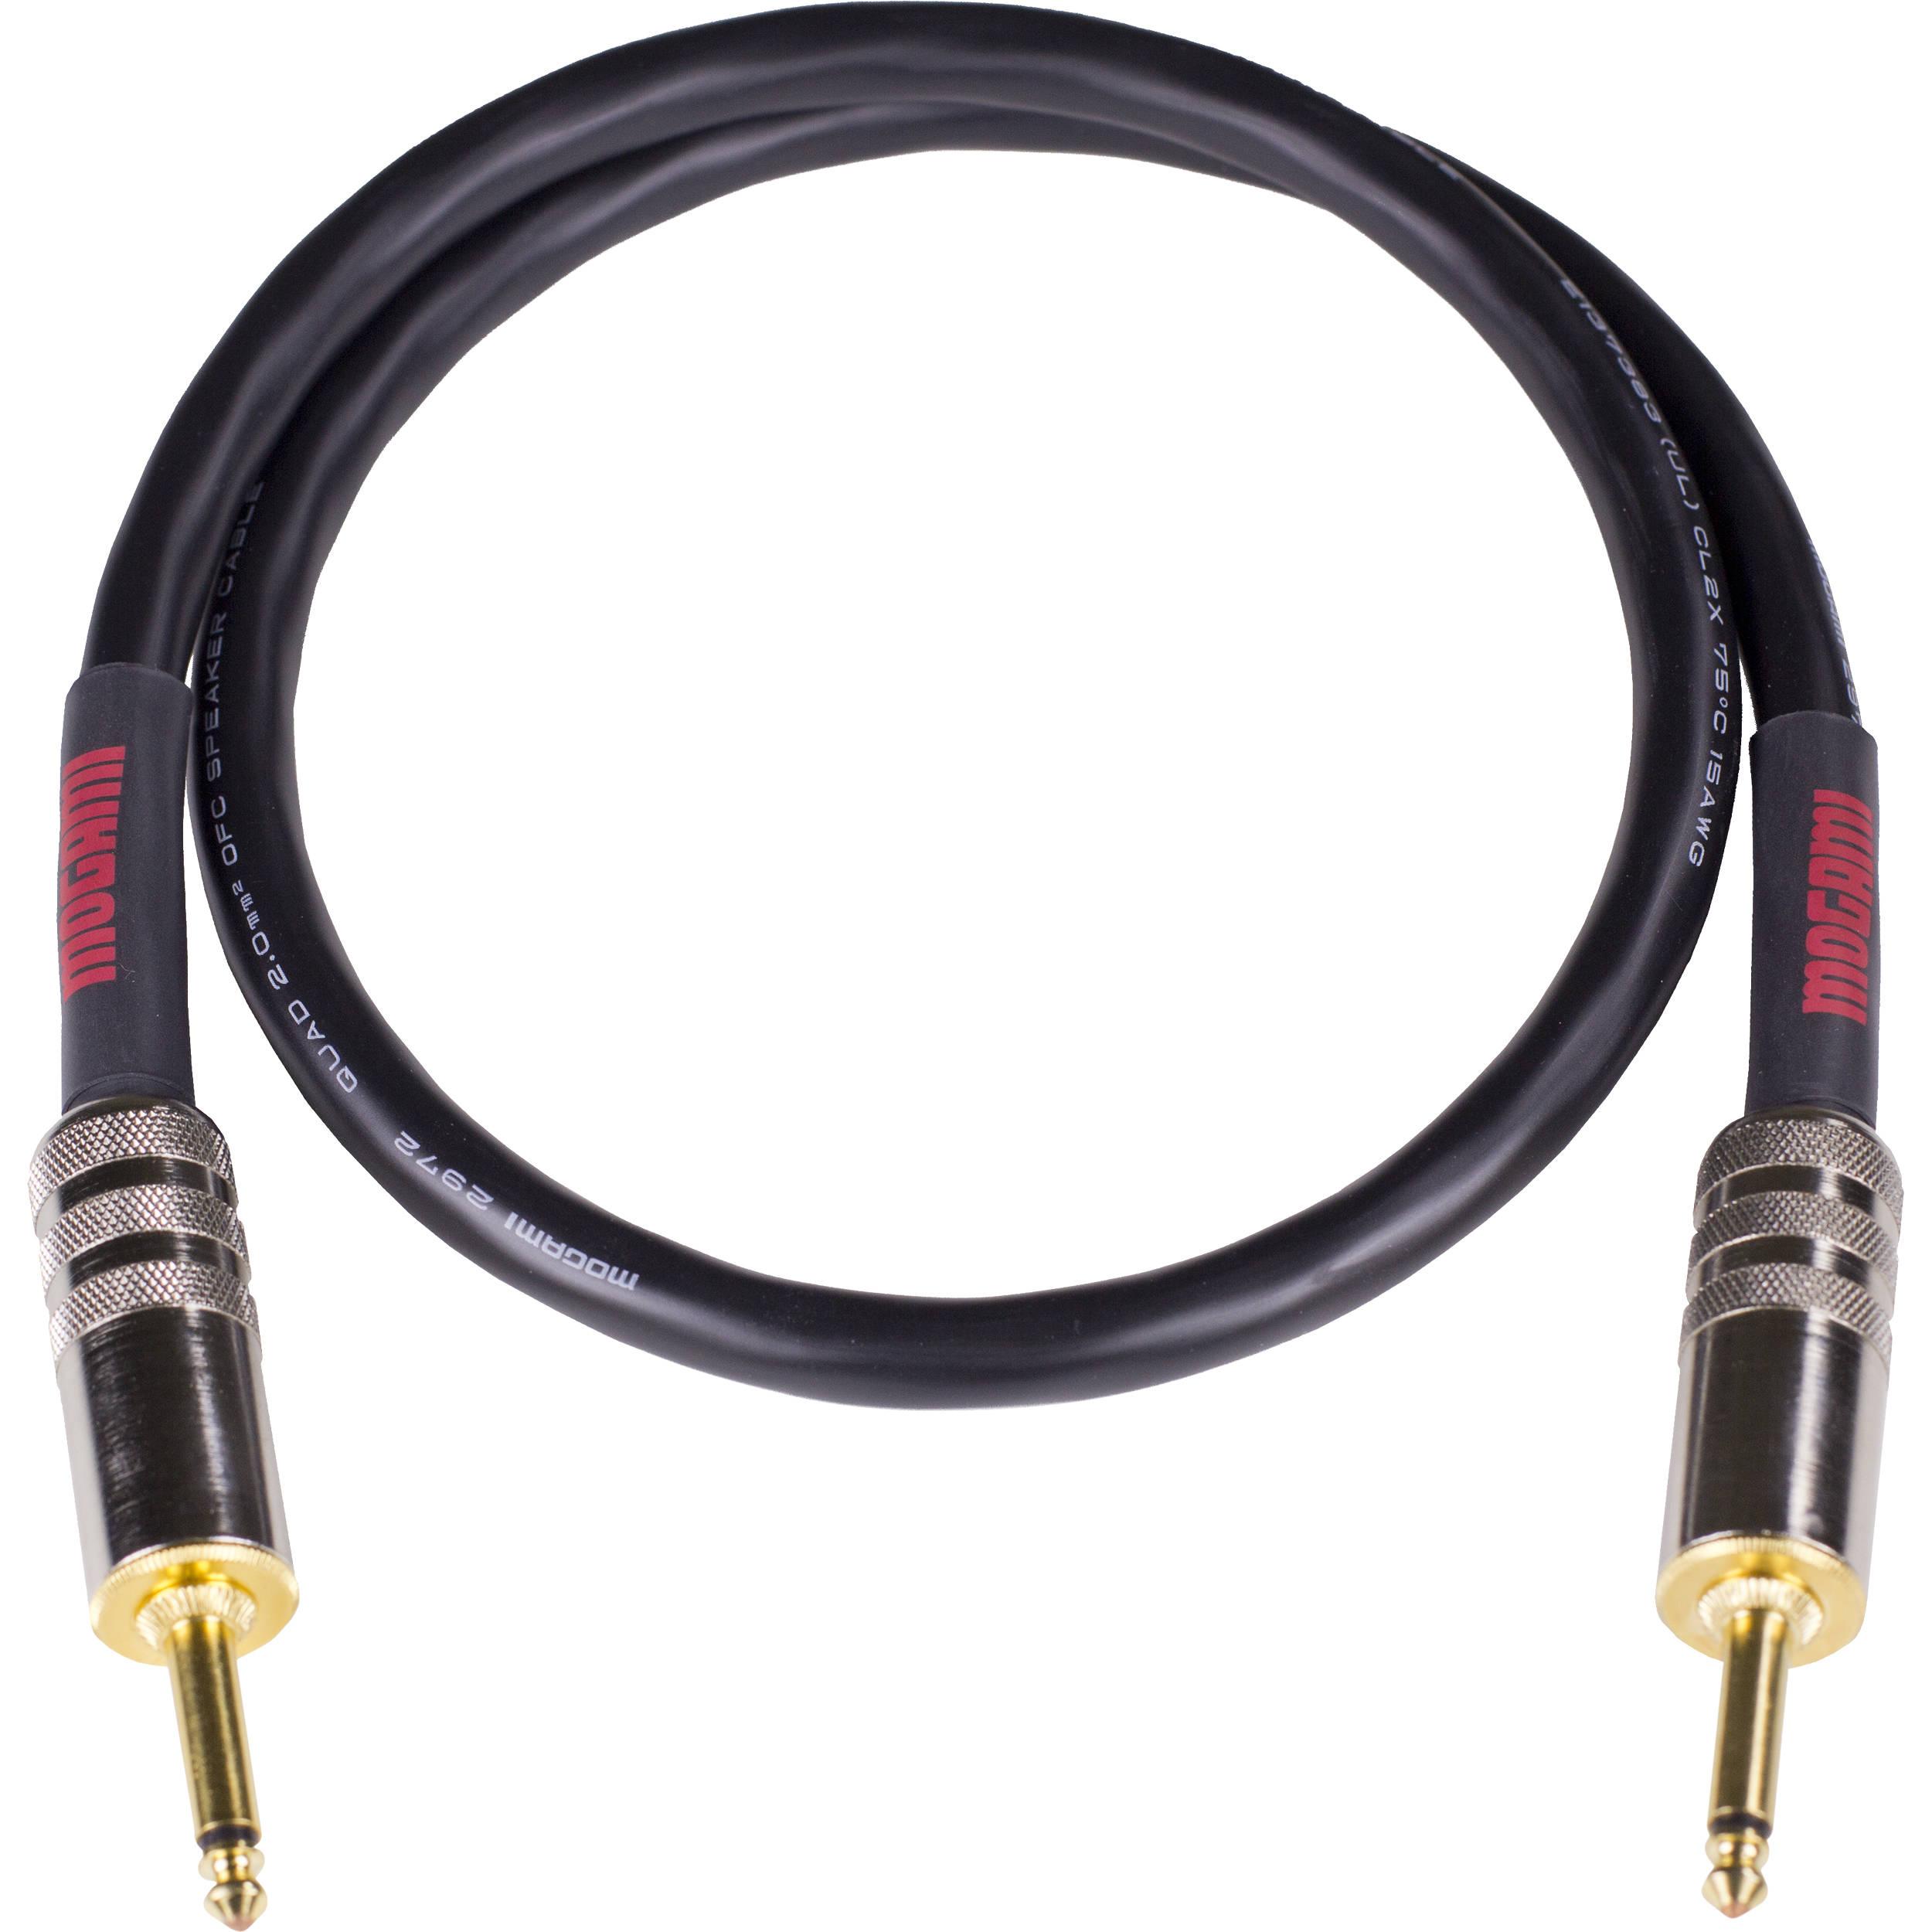 Speaker Cable Mogami : mogami overdrive speaker cable 6 39 od spk 06 b h photo video ~ Vivirlamusica.com Haus und Dekorationen